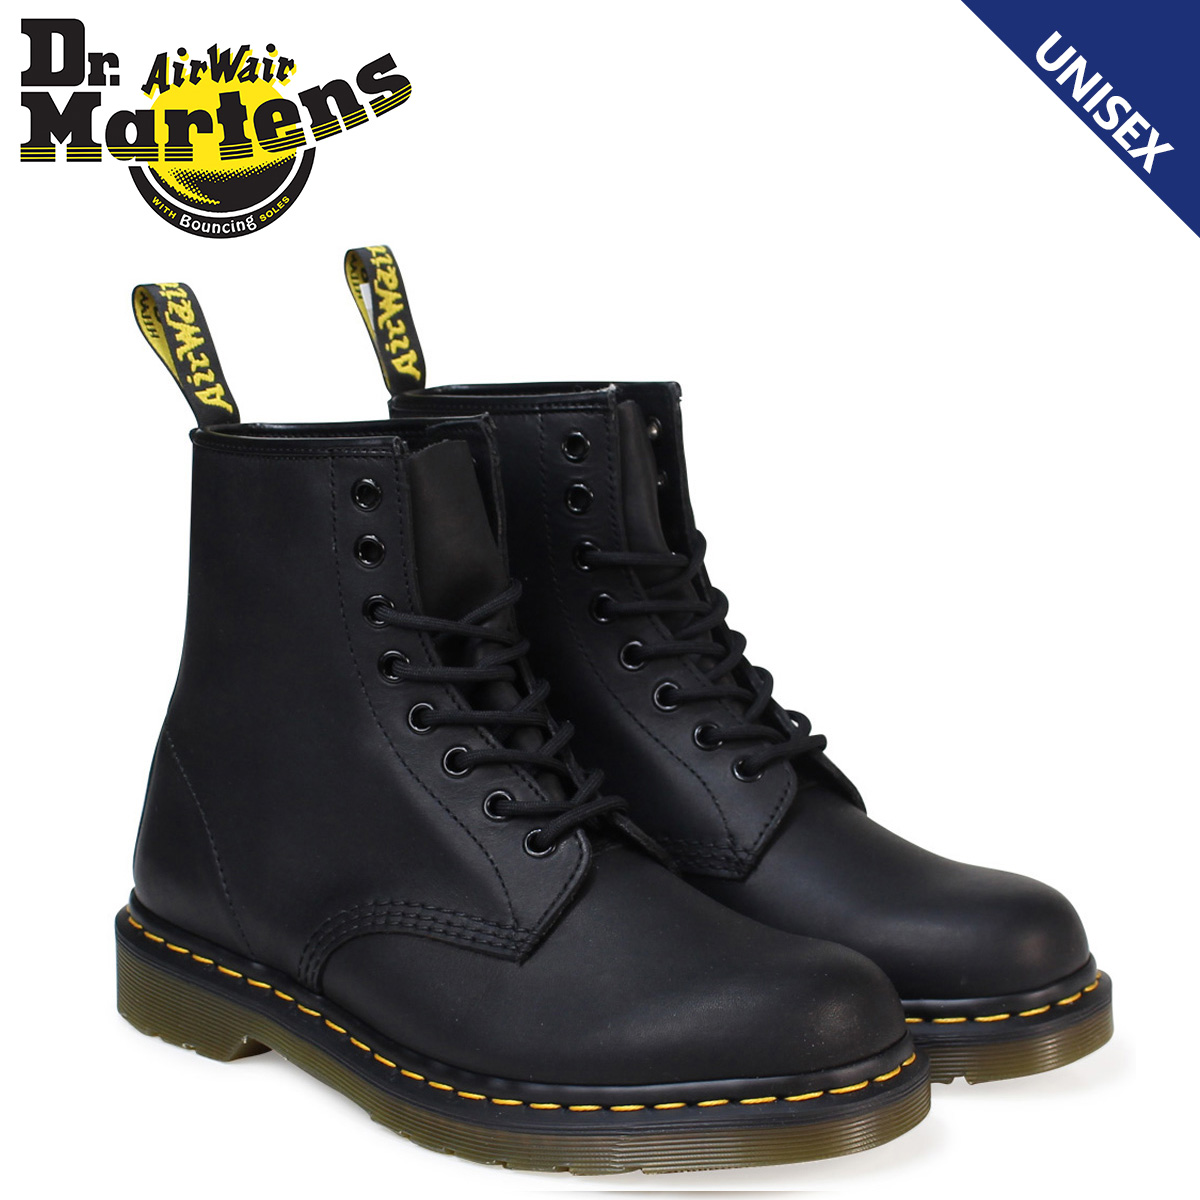 ドクターマーチン 8ホール 1460 メンズ レディース Dr.Martens ブーツ 8 EYE BOOT R11822003